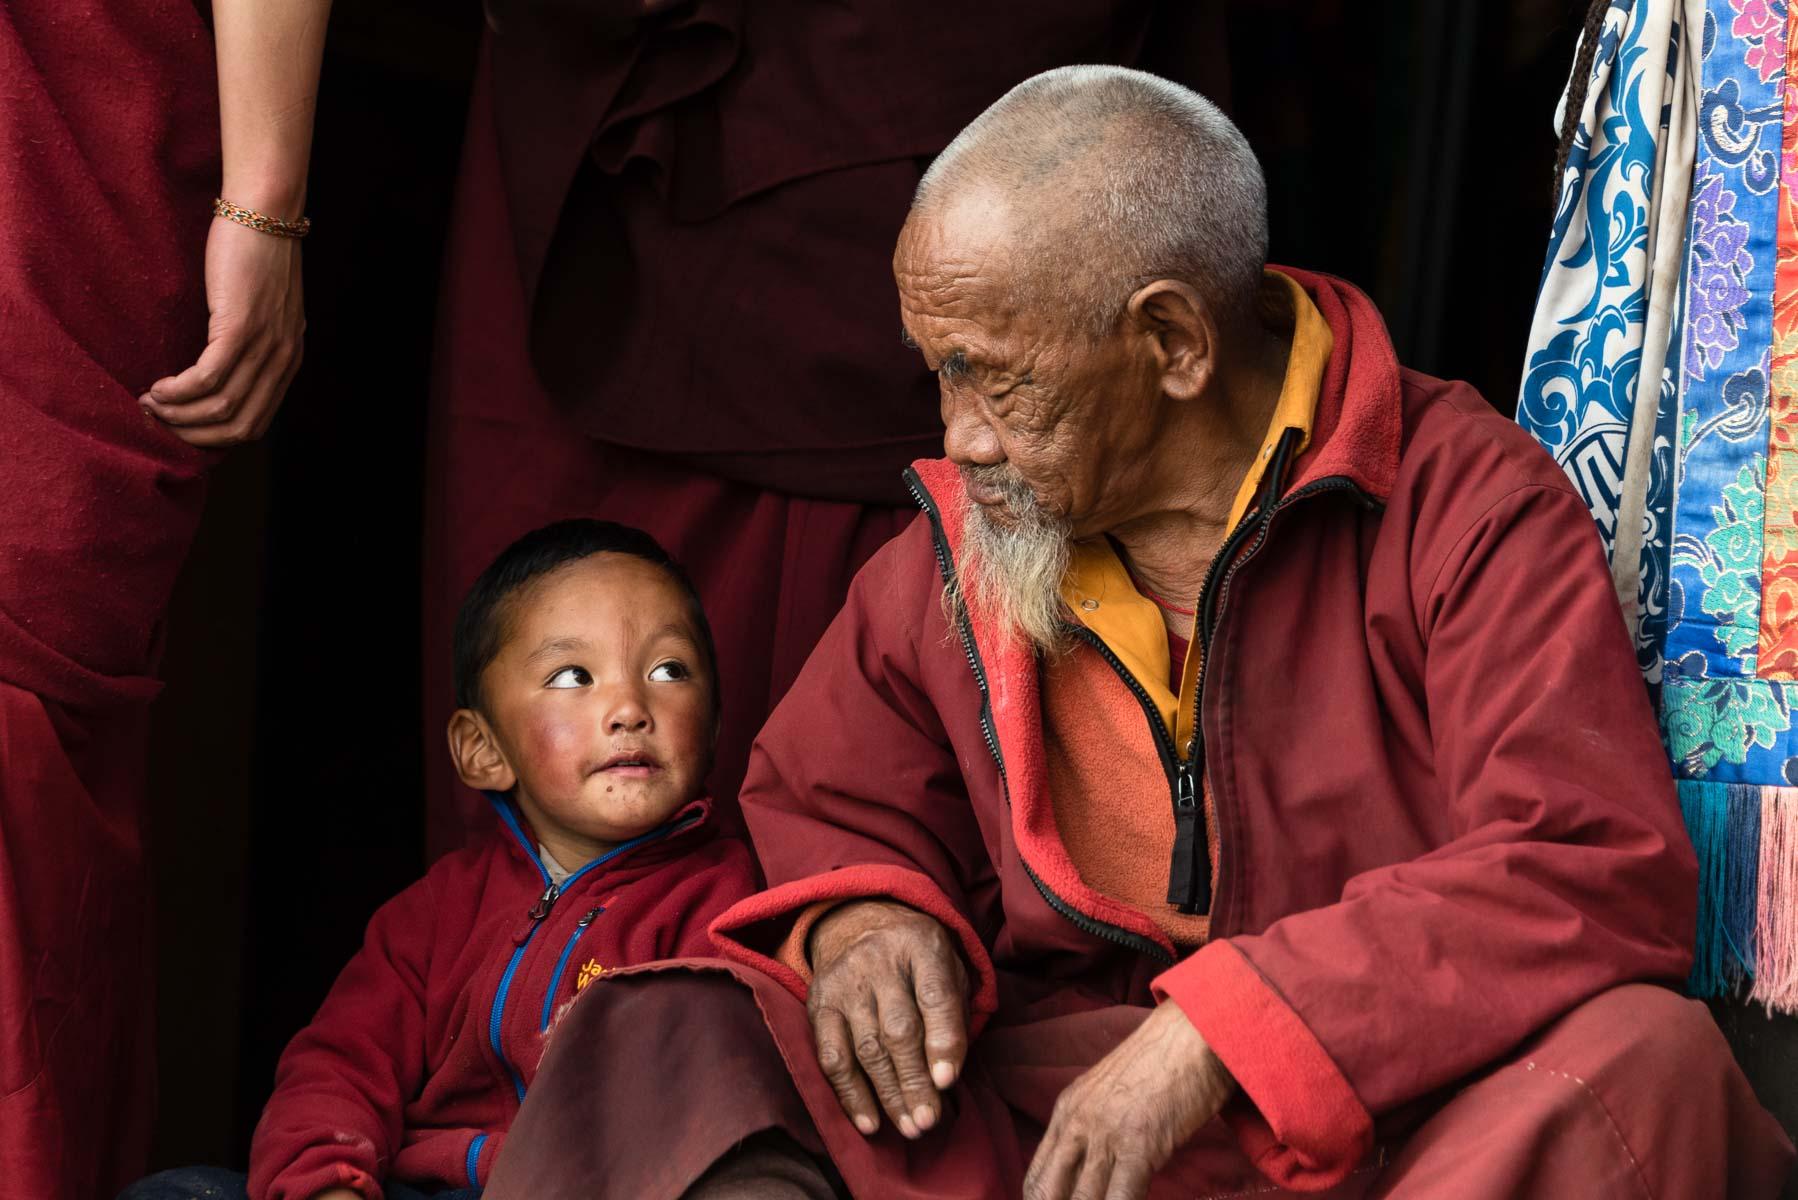 Christian Meixner Fotografie, Fotograf Zürich, Nepal, Mönche, alter Mann, Bub, Reisen, Reisefotografie